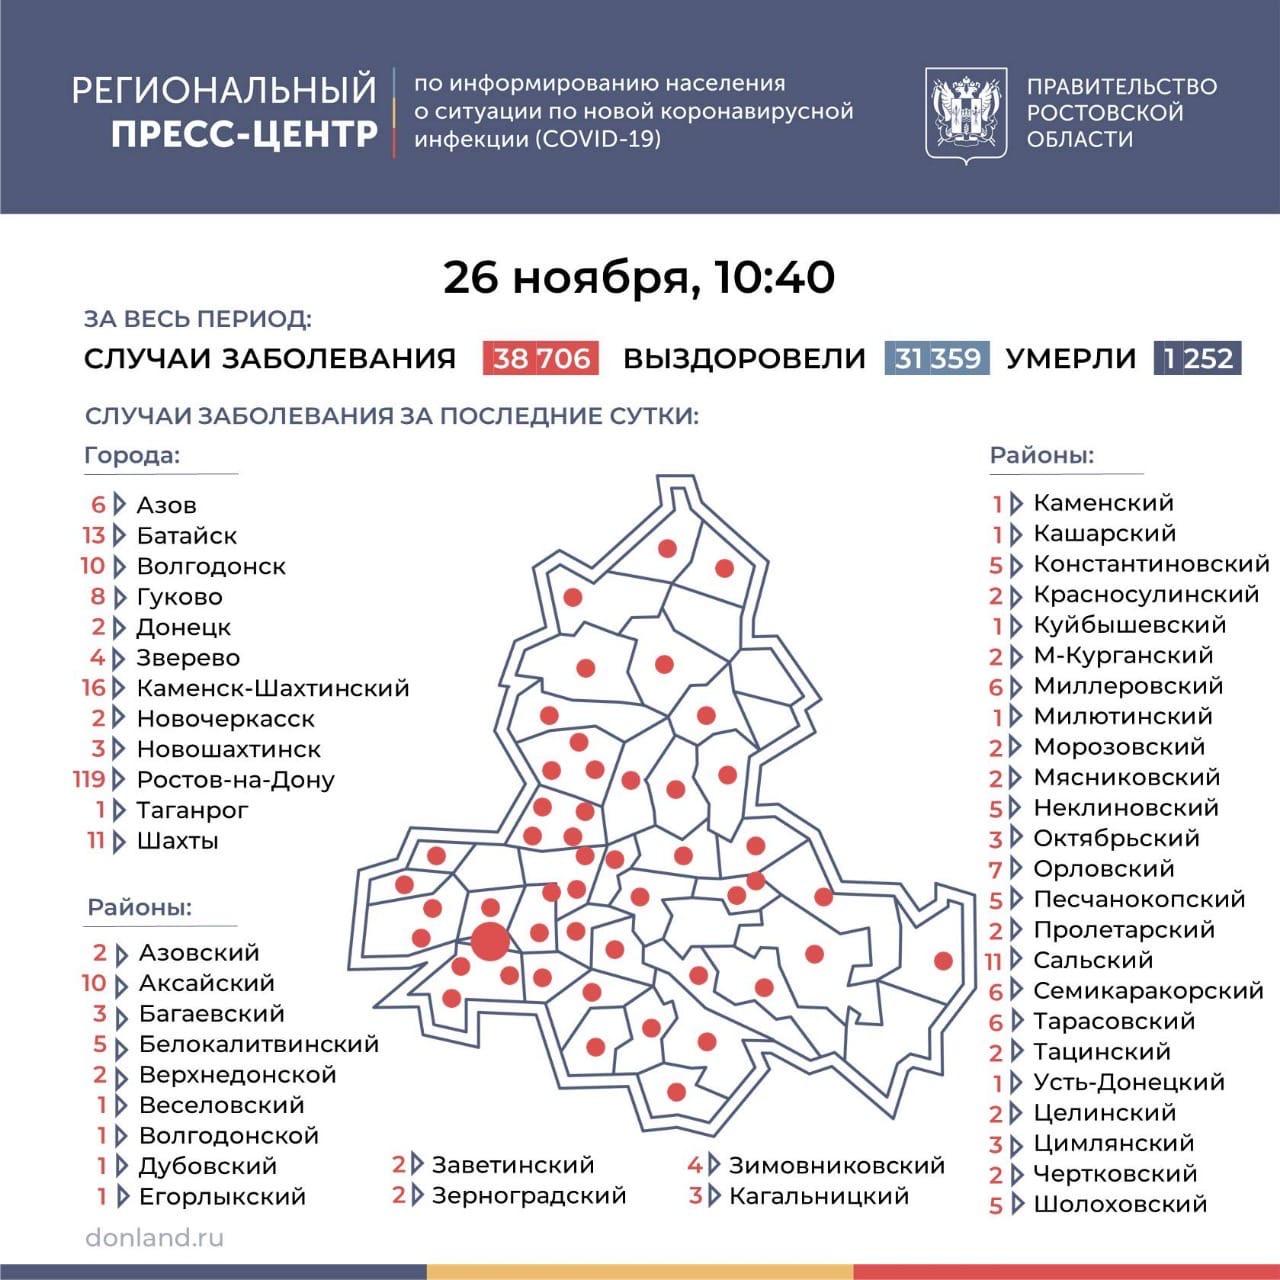 На Дону число инфицированных COVID-19 выросло на 315, в Таганроге 1 новый случай